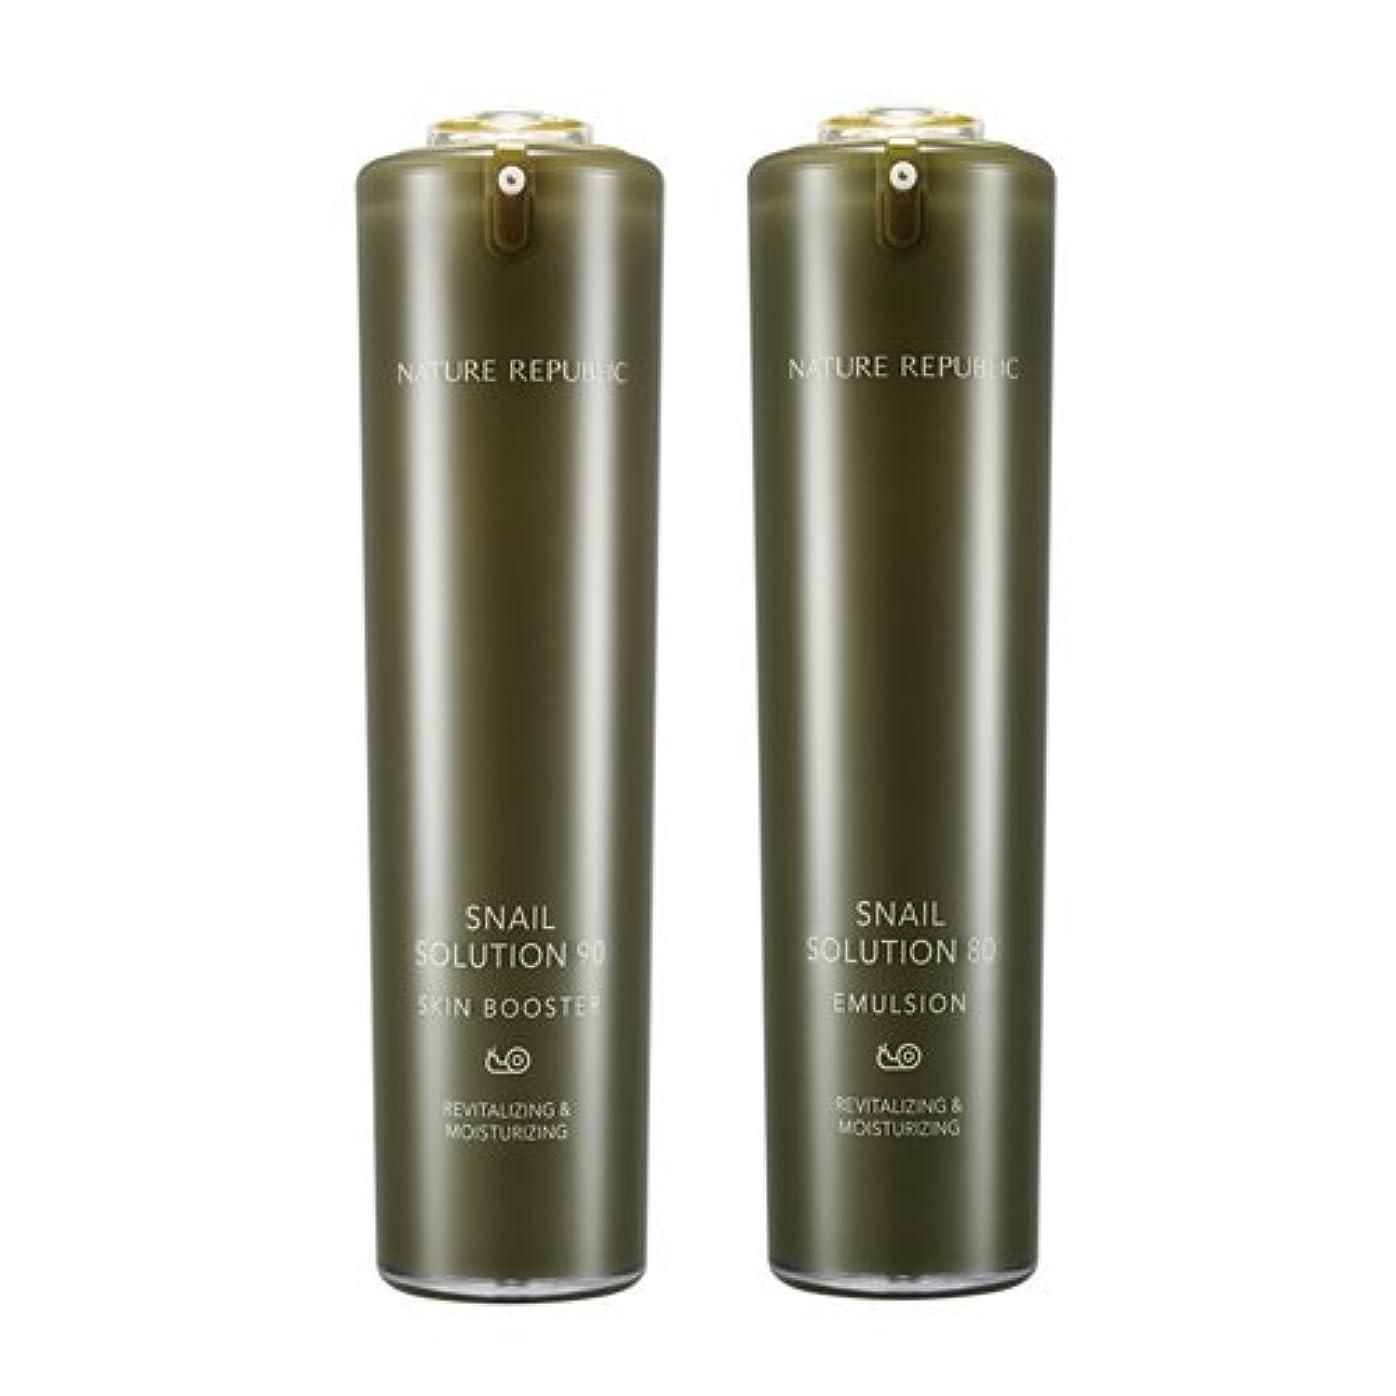 フルーティー薬局平等NATURE REPUBLIC ネイチャーリパブリック スネイル・ソリューション90スキンブースター120ml + 80エマルジョン120ml 2類セット (Snail Solution 90 Skin Booster + 80 Emulsion Set) 海外直送品